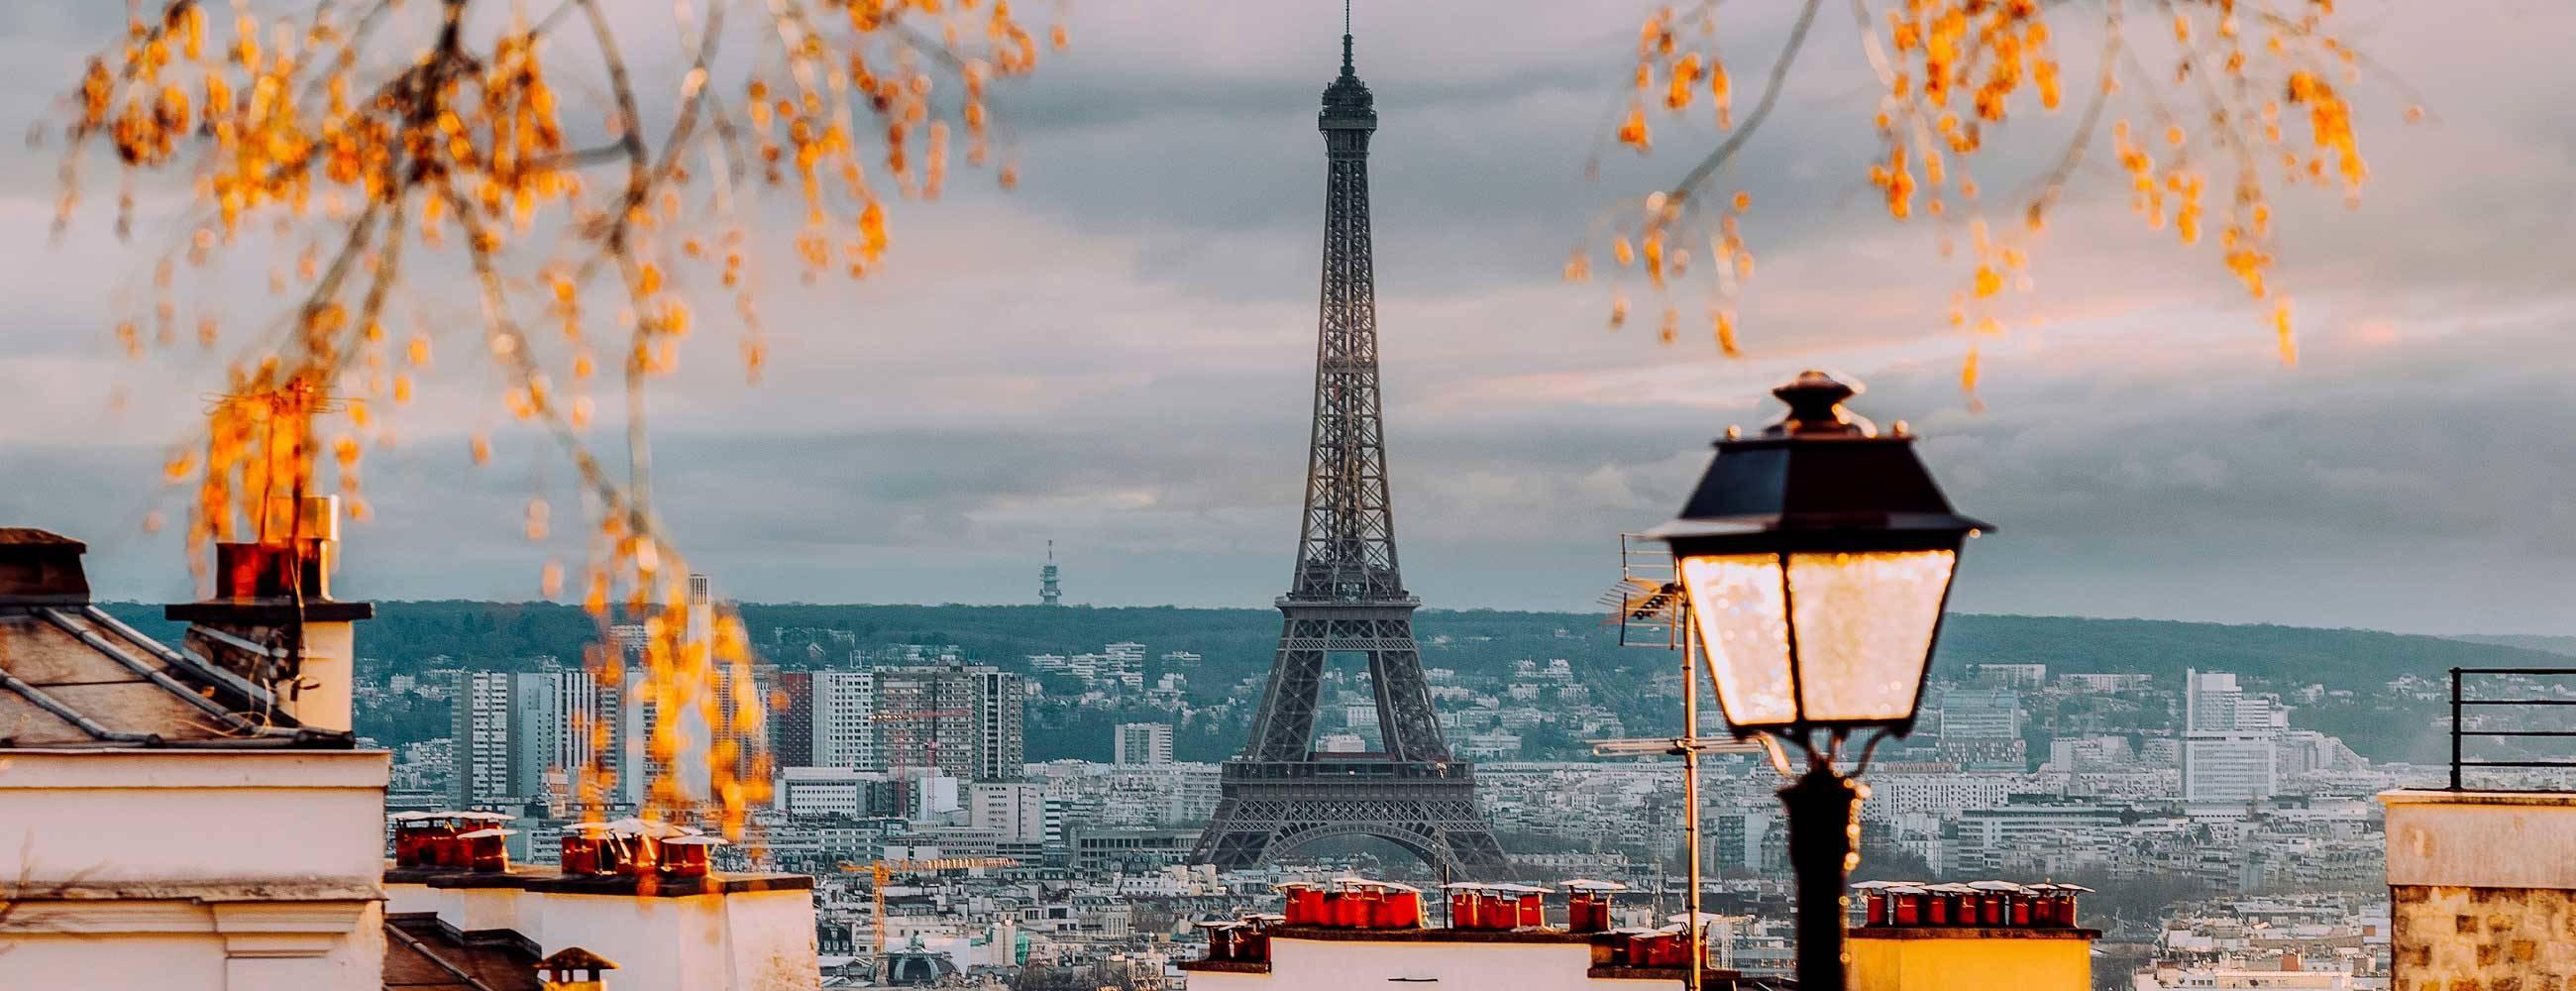 7-INTERESSANTE-TATSACHEN-ÜBER-PARIS